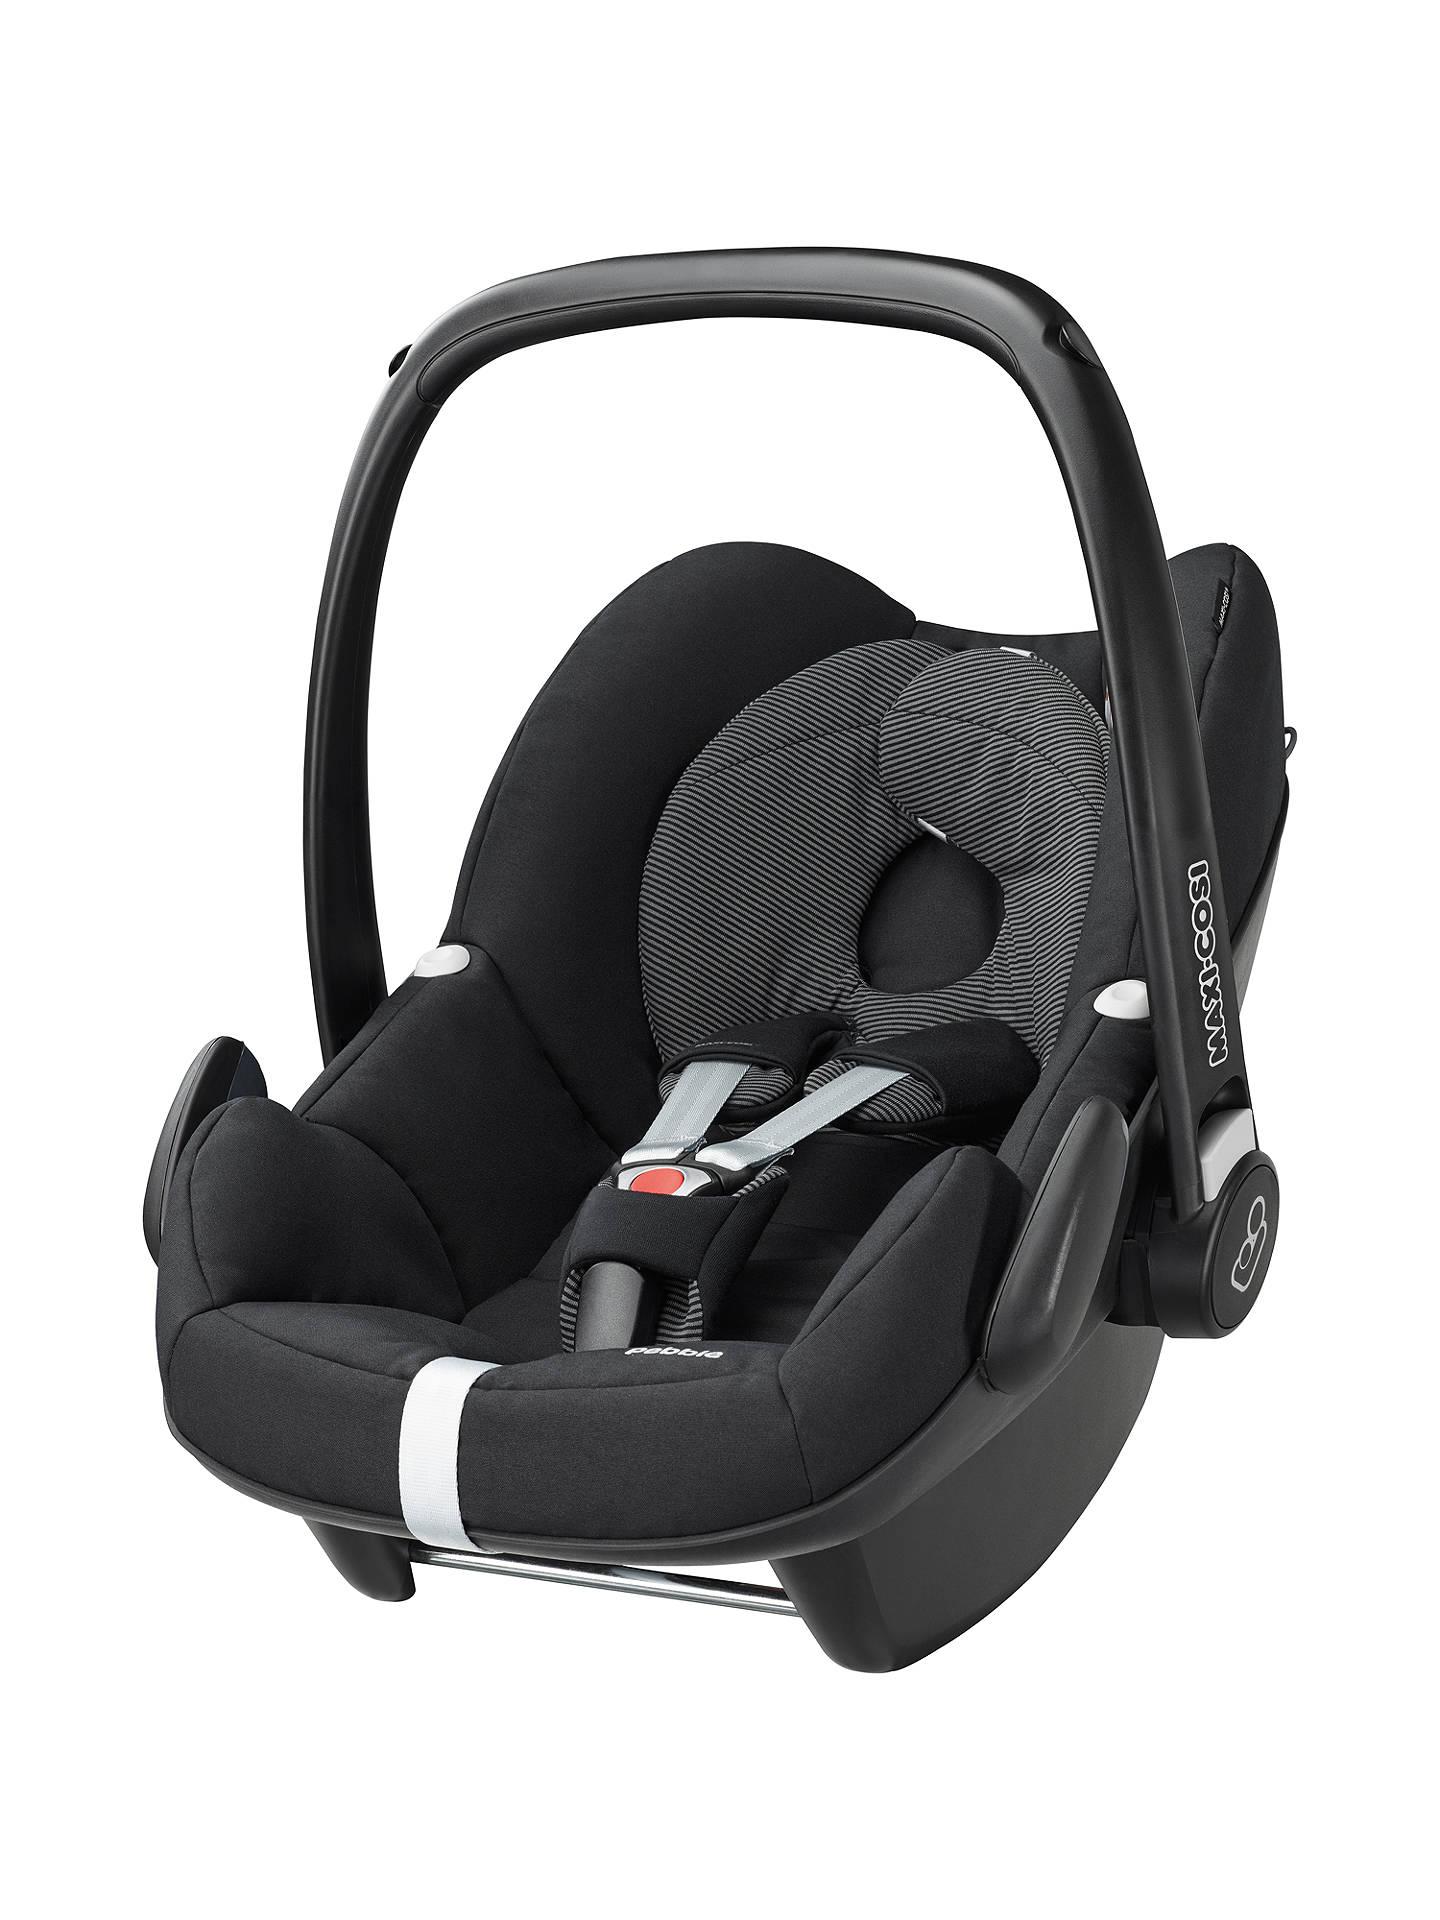 BuyMaxi Cosi Pebble Group 0 Baby Car Seat Black Raven Online At Johnlewis